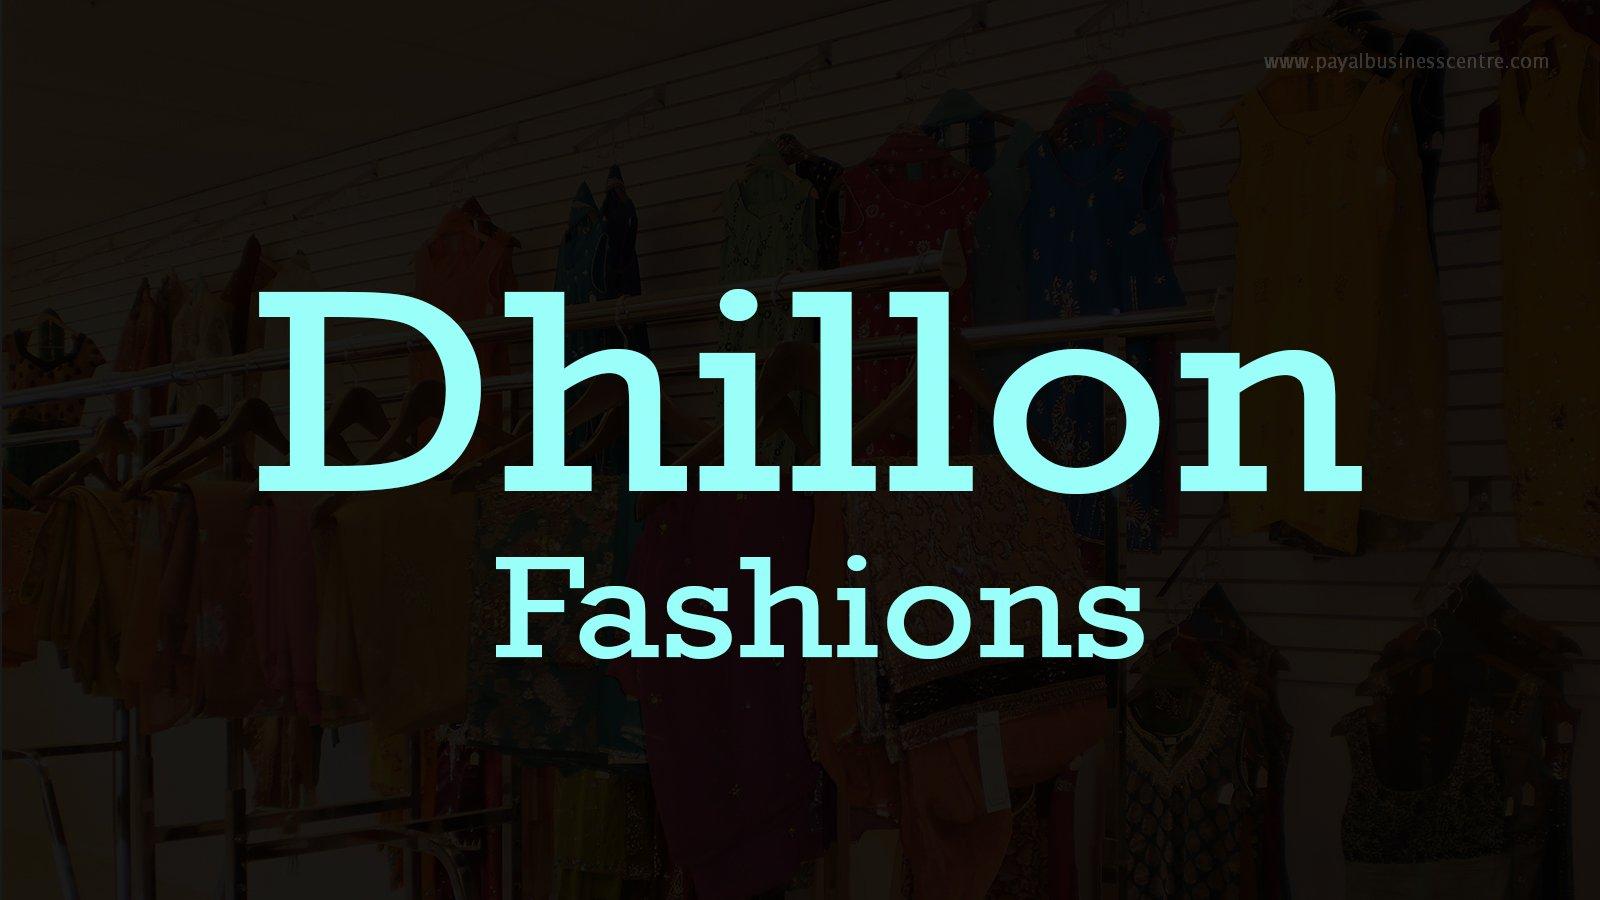 Dhillon Fashions